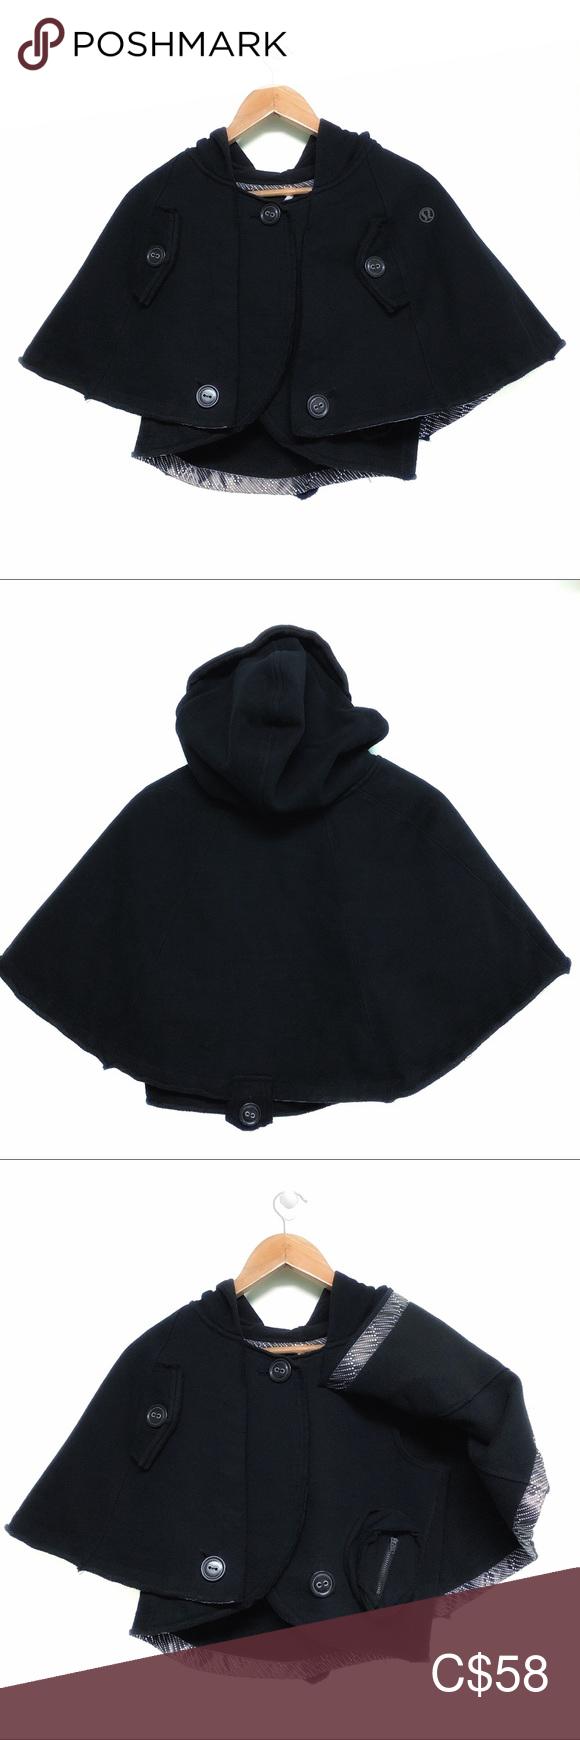 Lululemon Namaste Black Cape Poncho With Hood Black Cape Poncho Cape Clothes Design